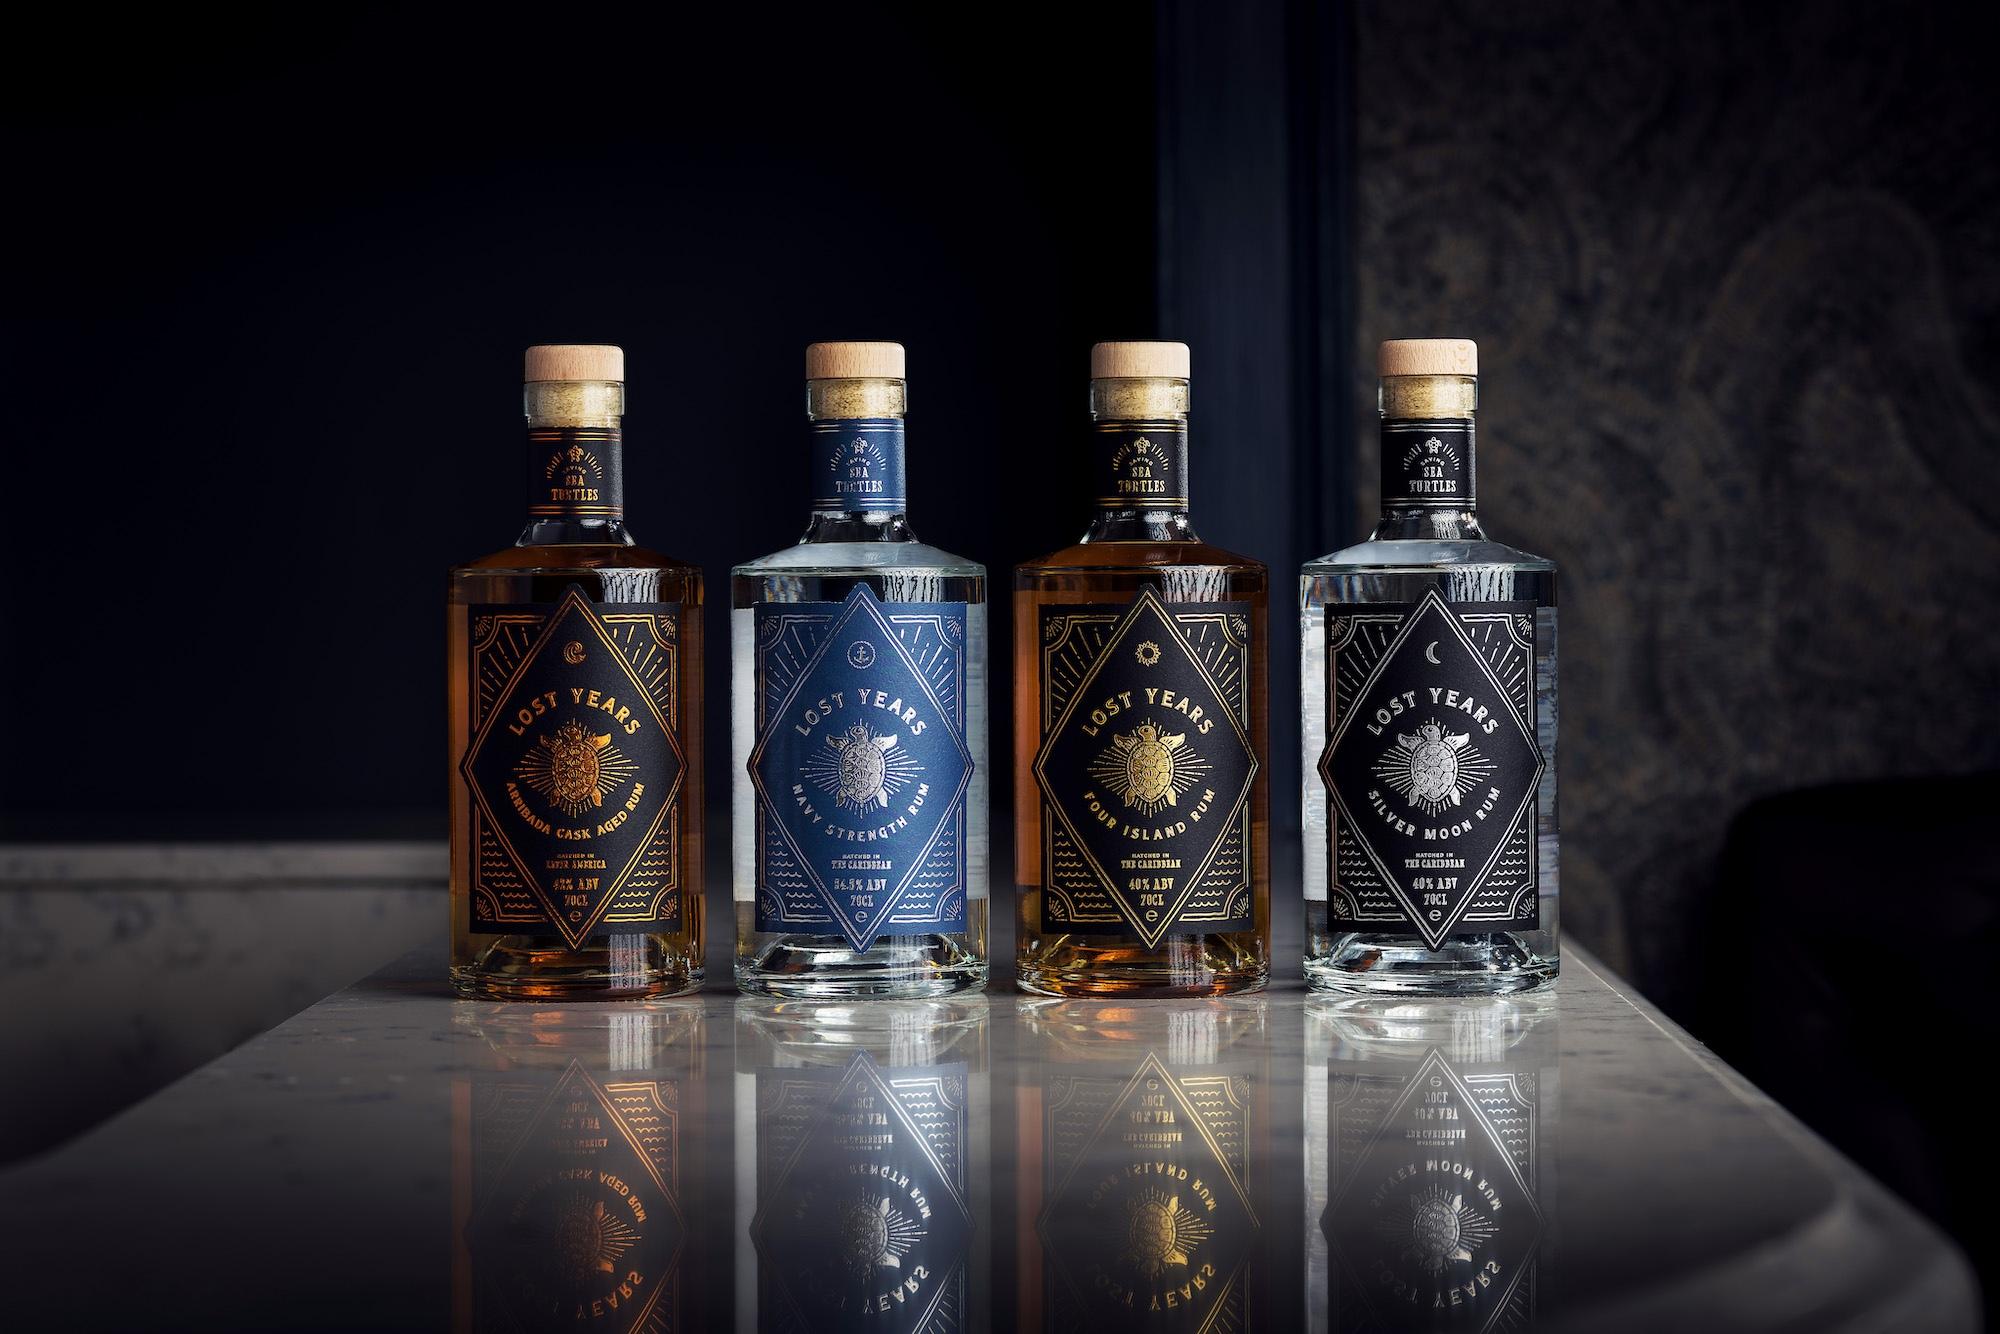 Cane Able Rum PR